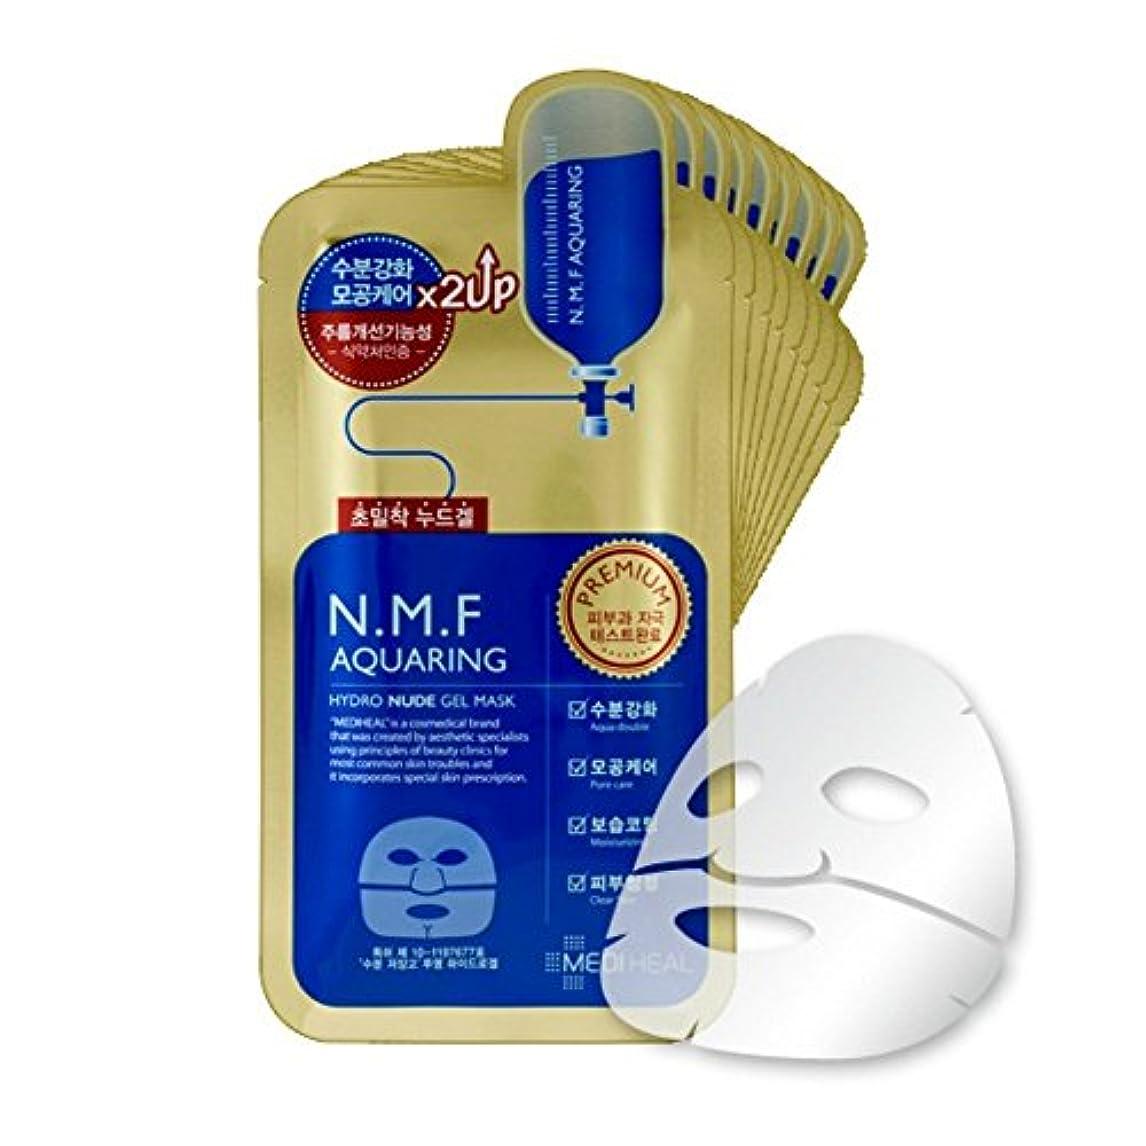 モック学部頑固なMEDIHEAL メディヒール NMF アクアリング ヌード ゲルマスク (10枚) [Mediheal premium NMF AQUARING Hydro Nude Gel 10 sheets] [並行輸入品]